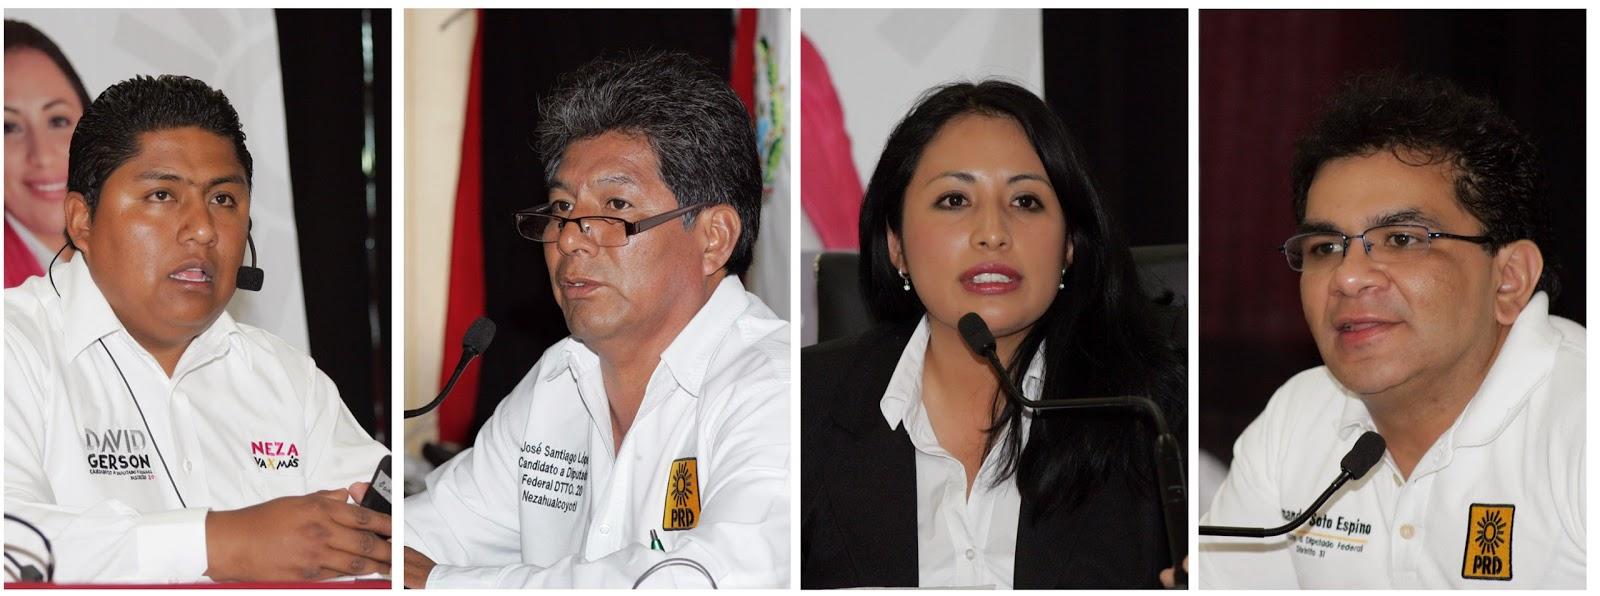 Imagen de Candidatos a diputados federales proponen acabar con la impunidad